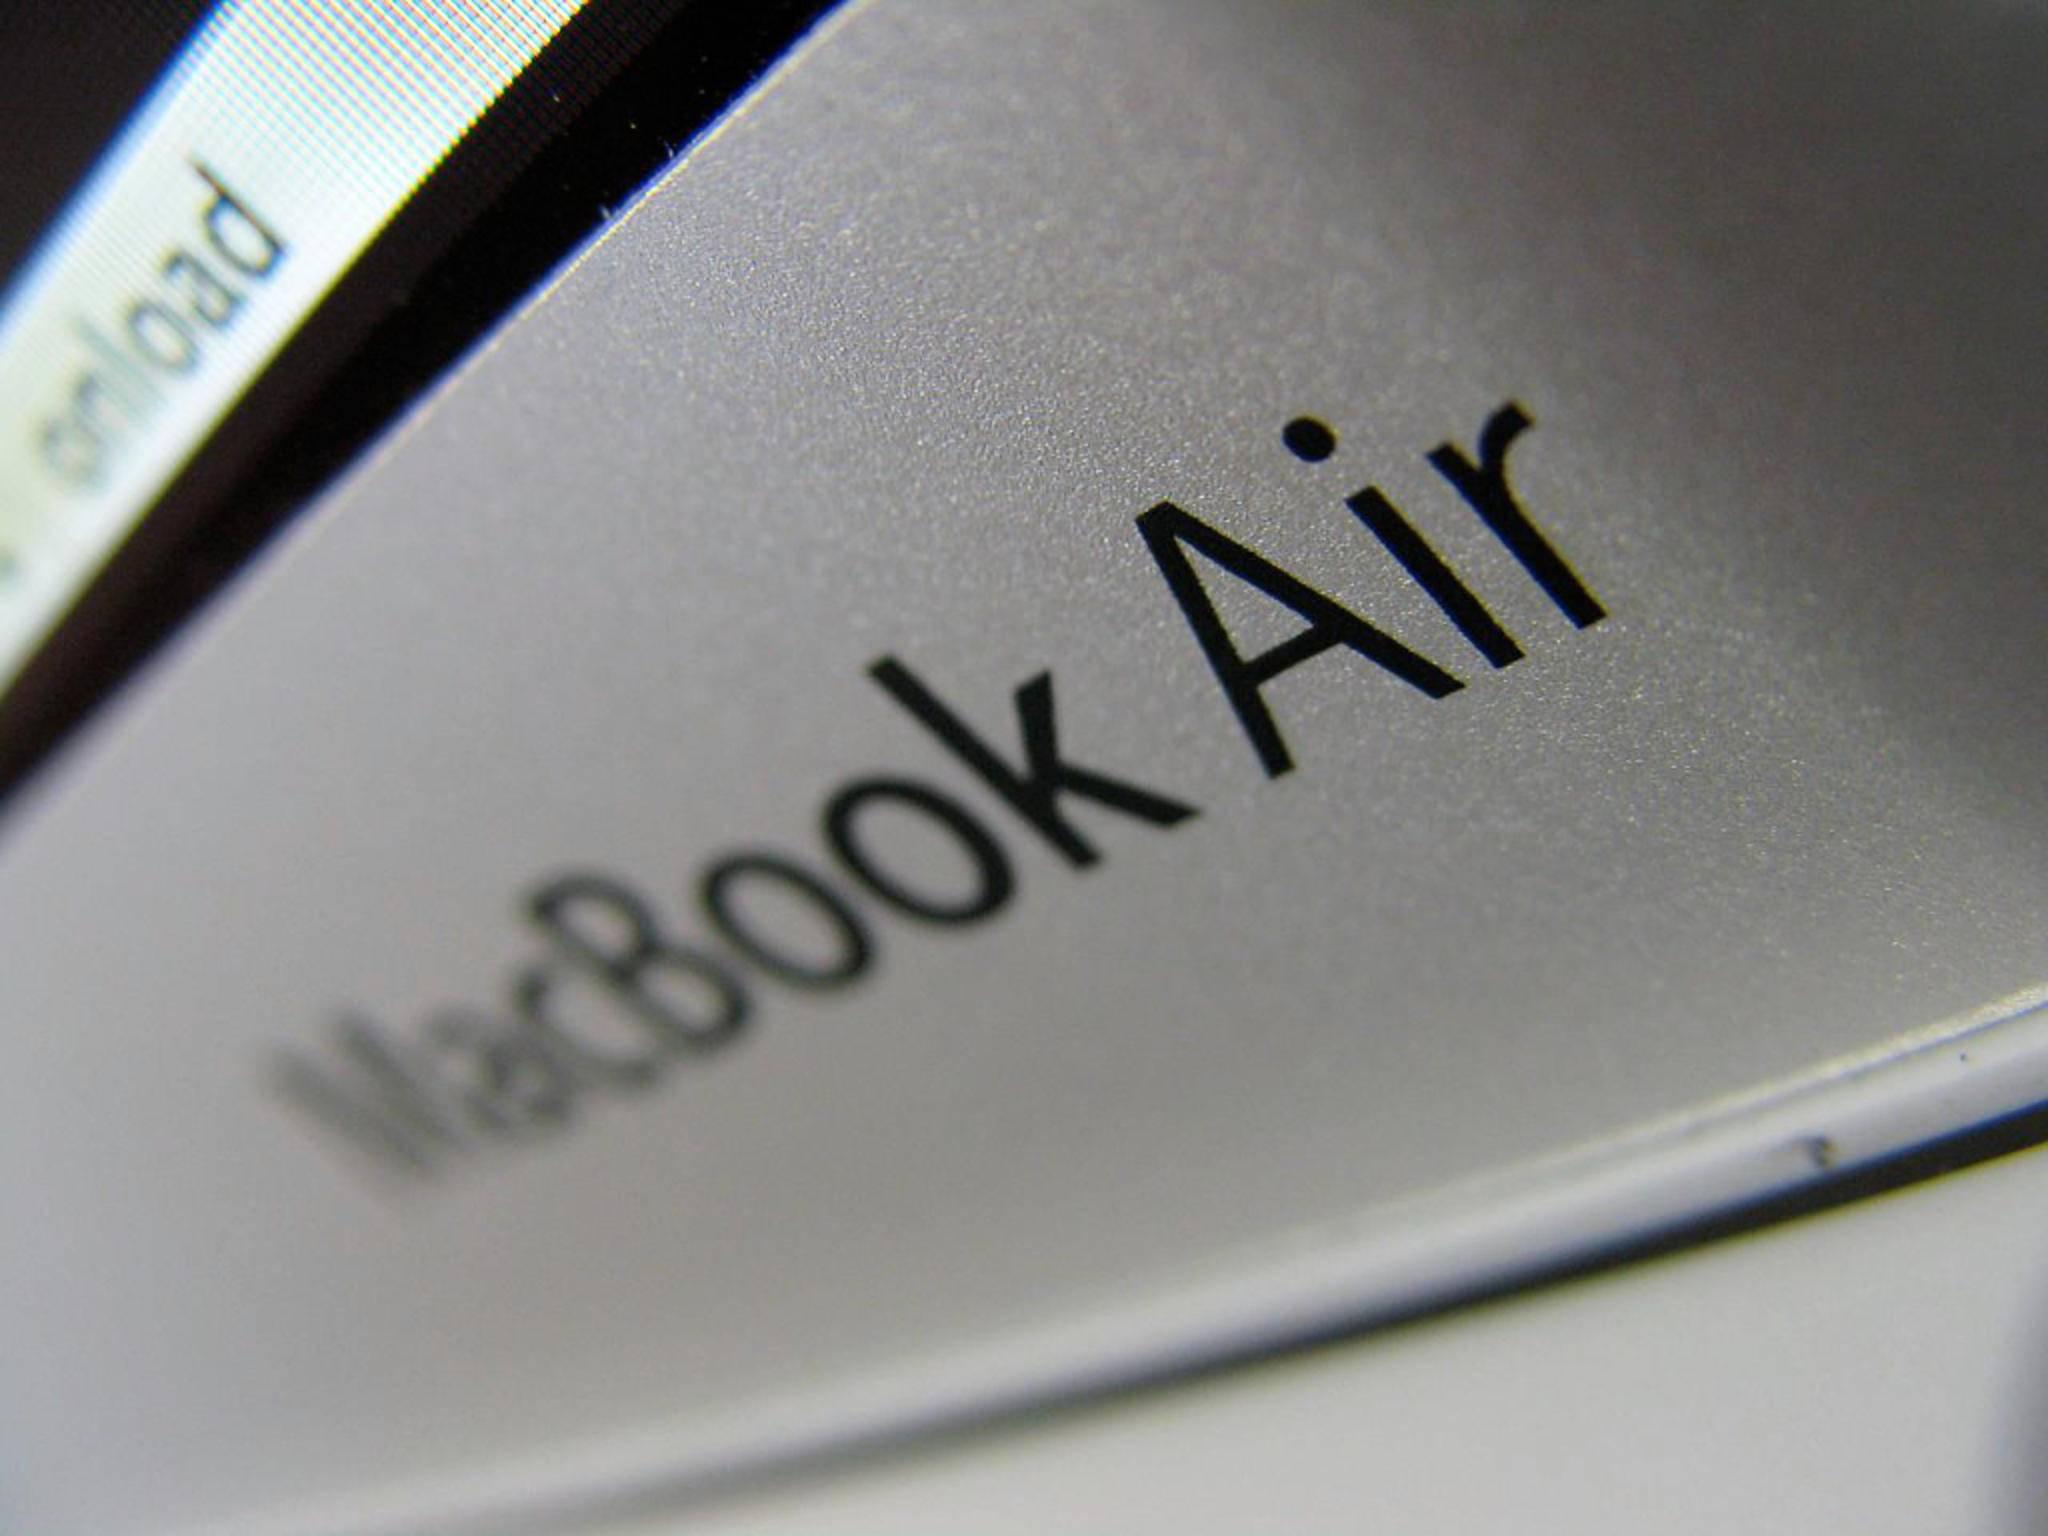 Der Release der neuen MacBook Air-Generation steht offenbar kurz bevor.